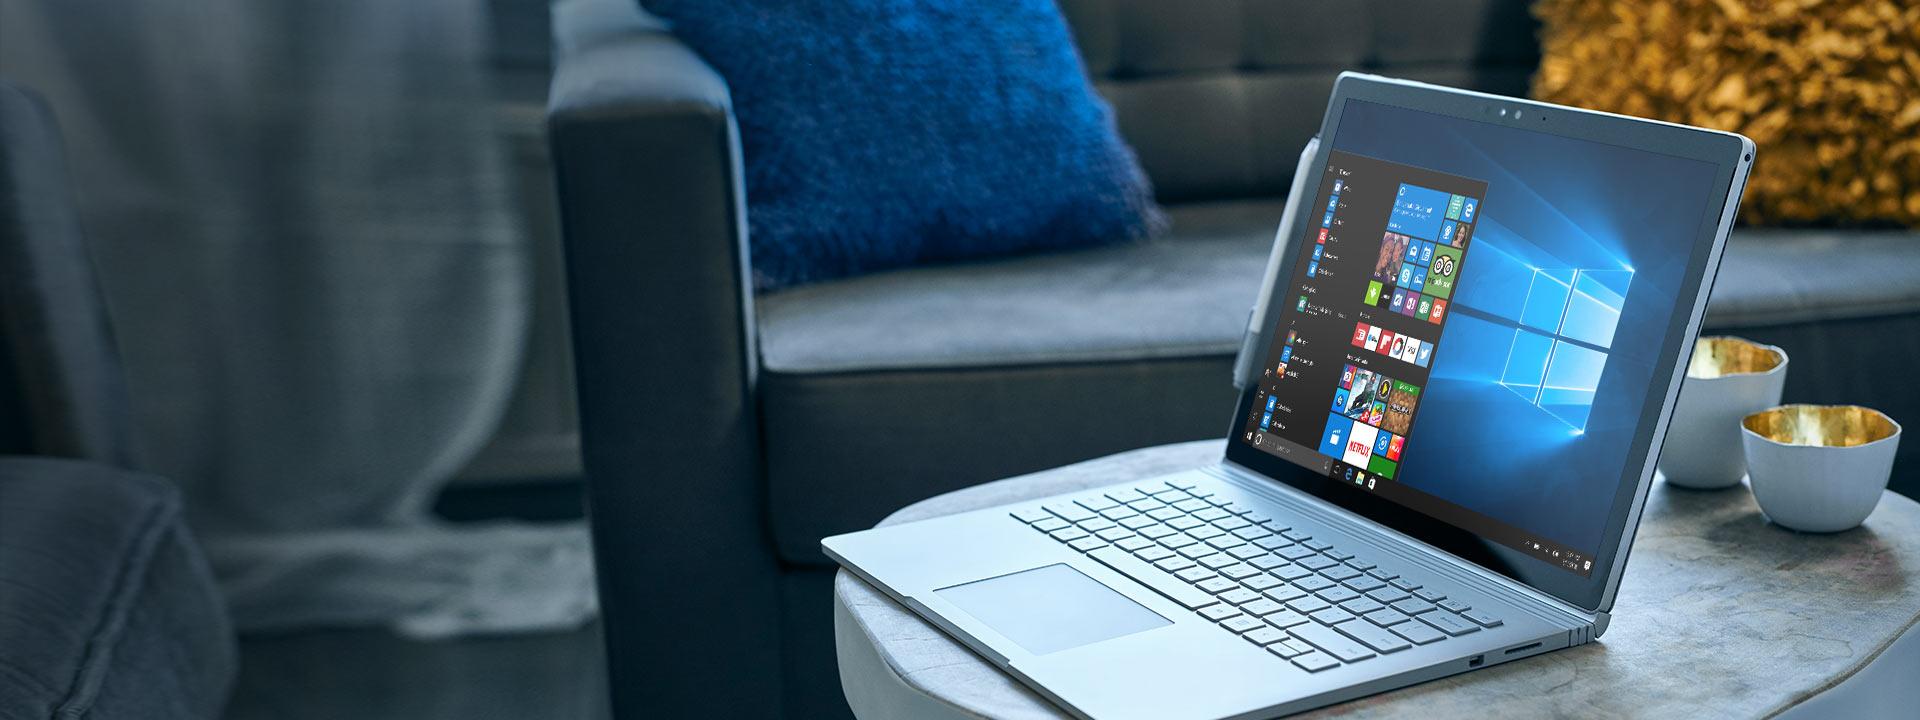 Microsoft Surface Book con menu Start di Windows 10